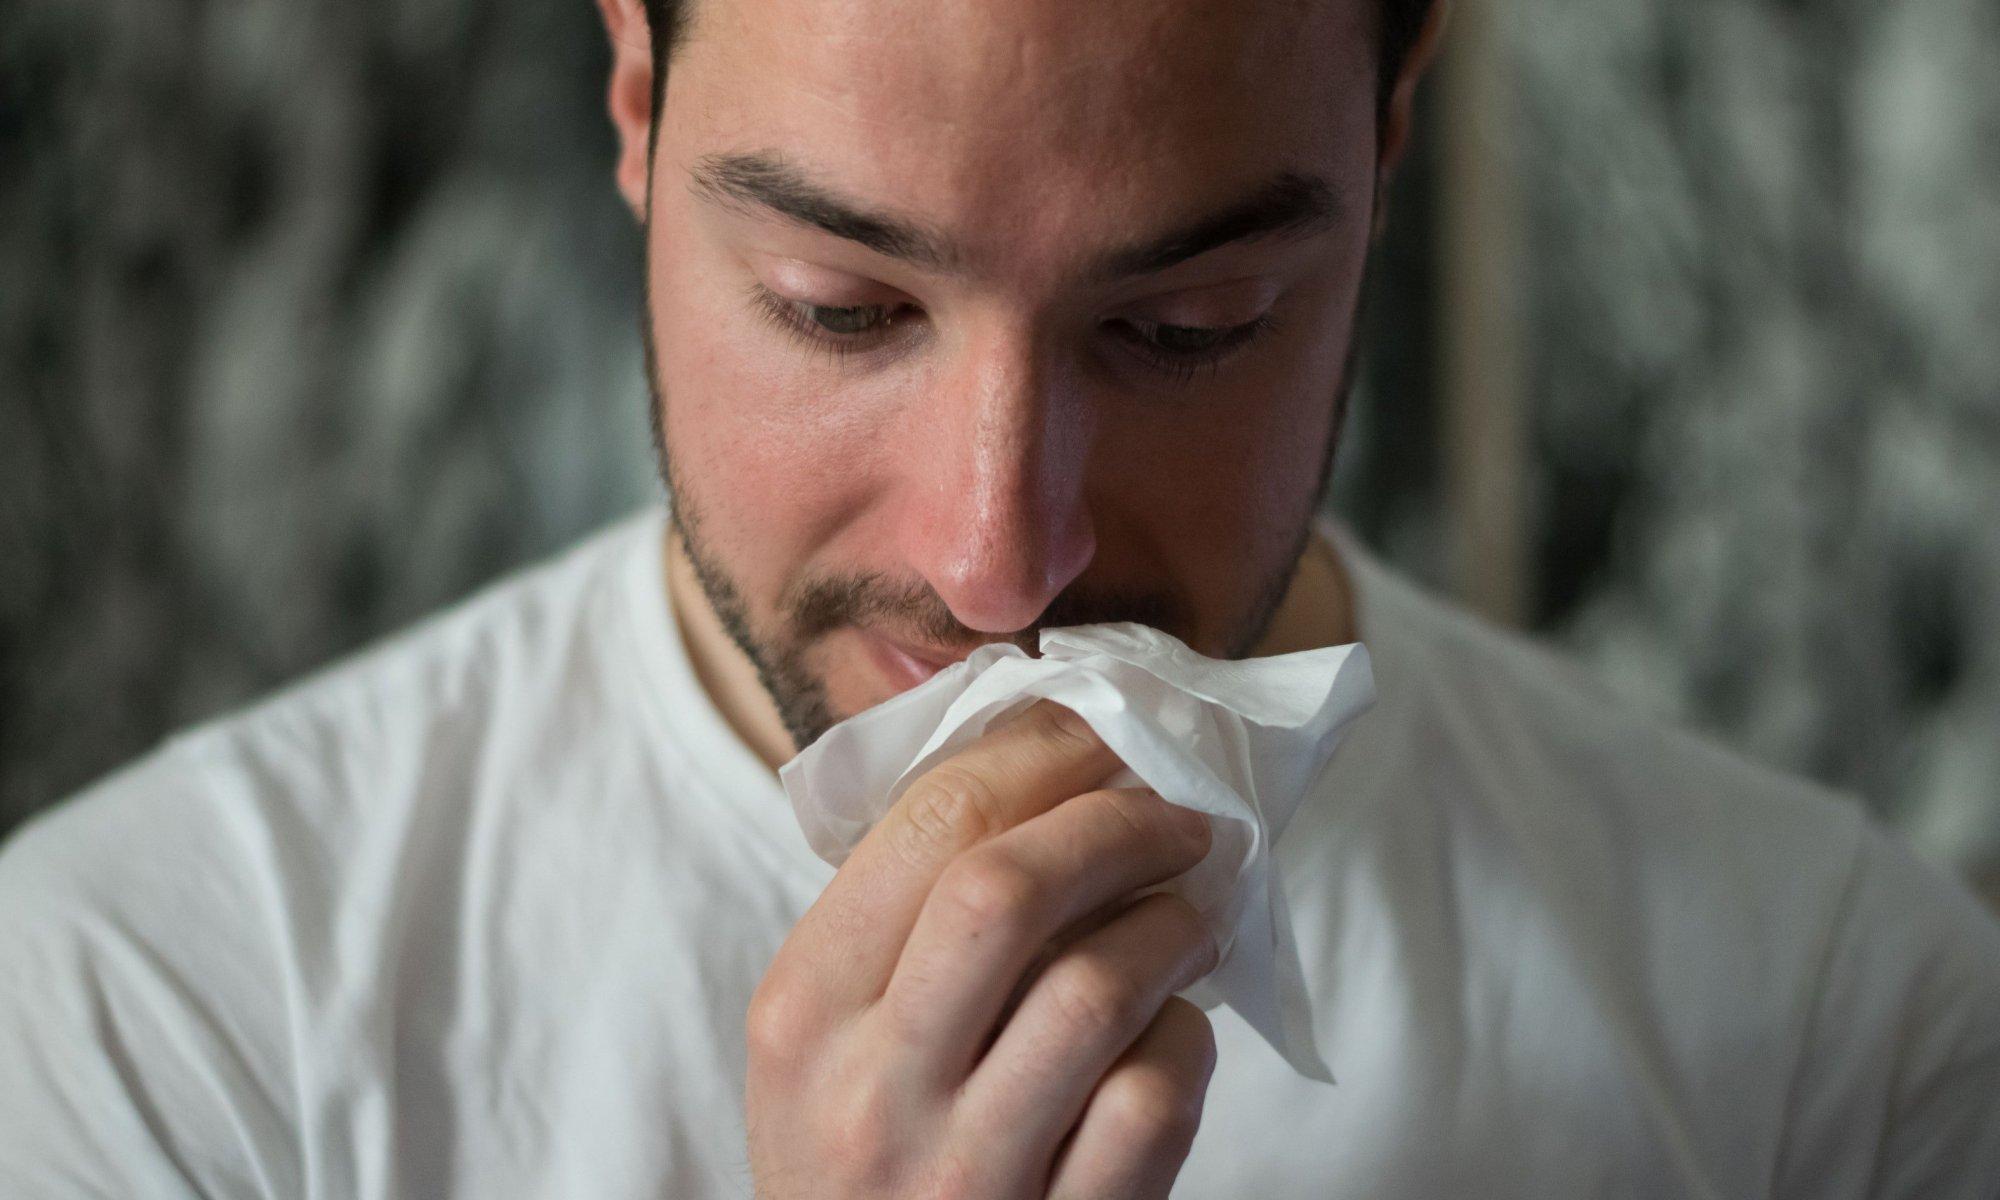 H1N1 flu vaccine